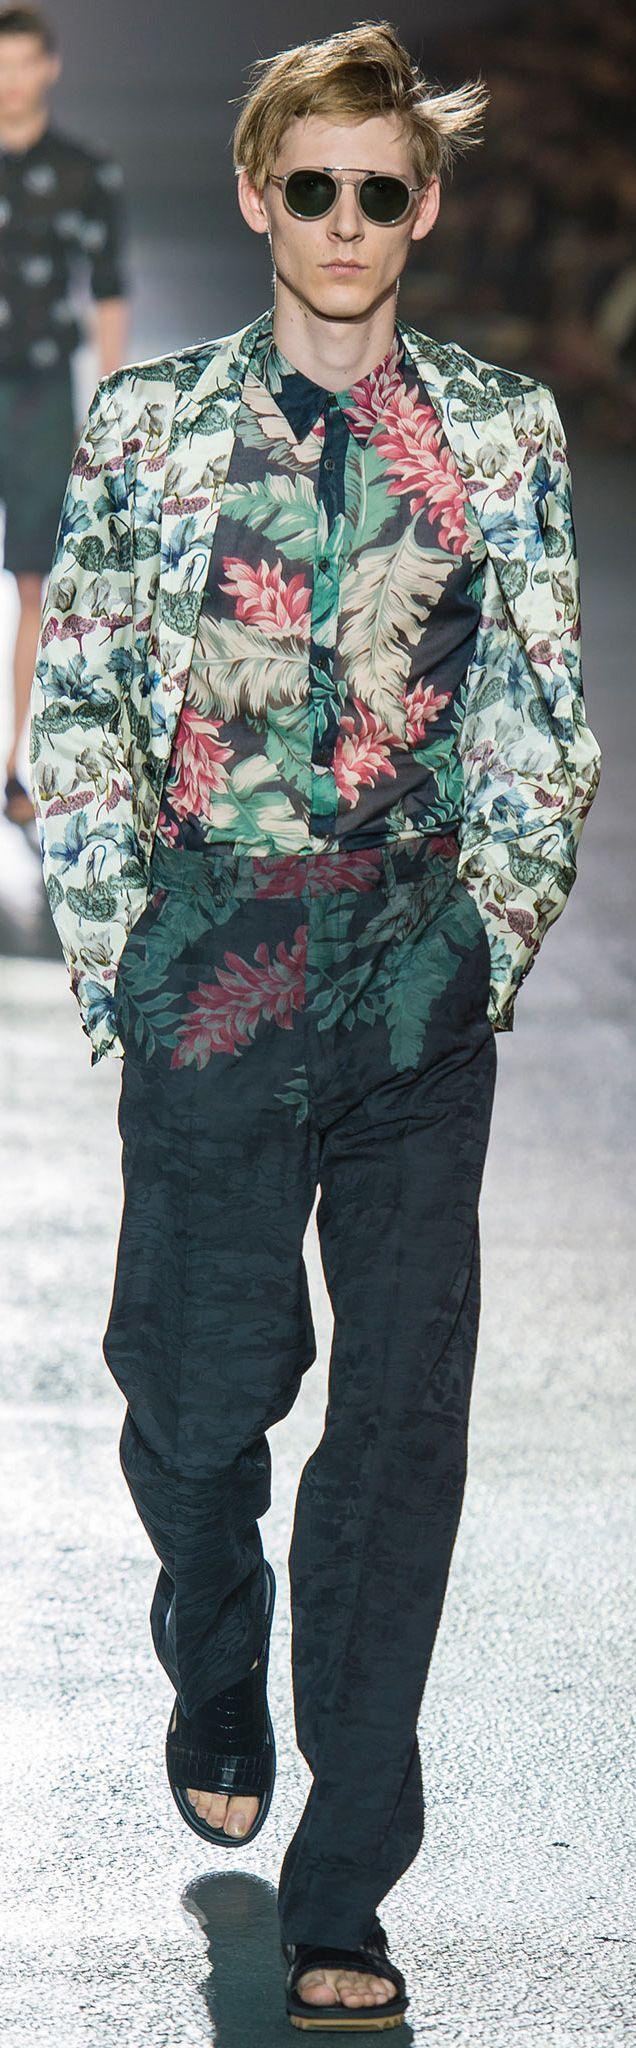 Dries Van Noten Spring 2014 Menswear Fashion Show jetzt neu! ->. . . . . der Blog für den Gentleman.viele interessante Beiträge  - www.thegentlemanclub.de/blog